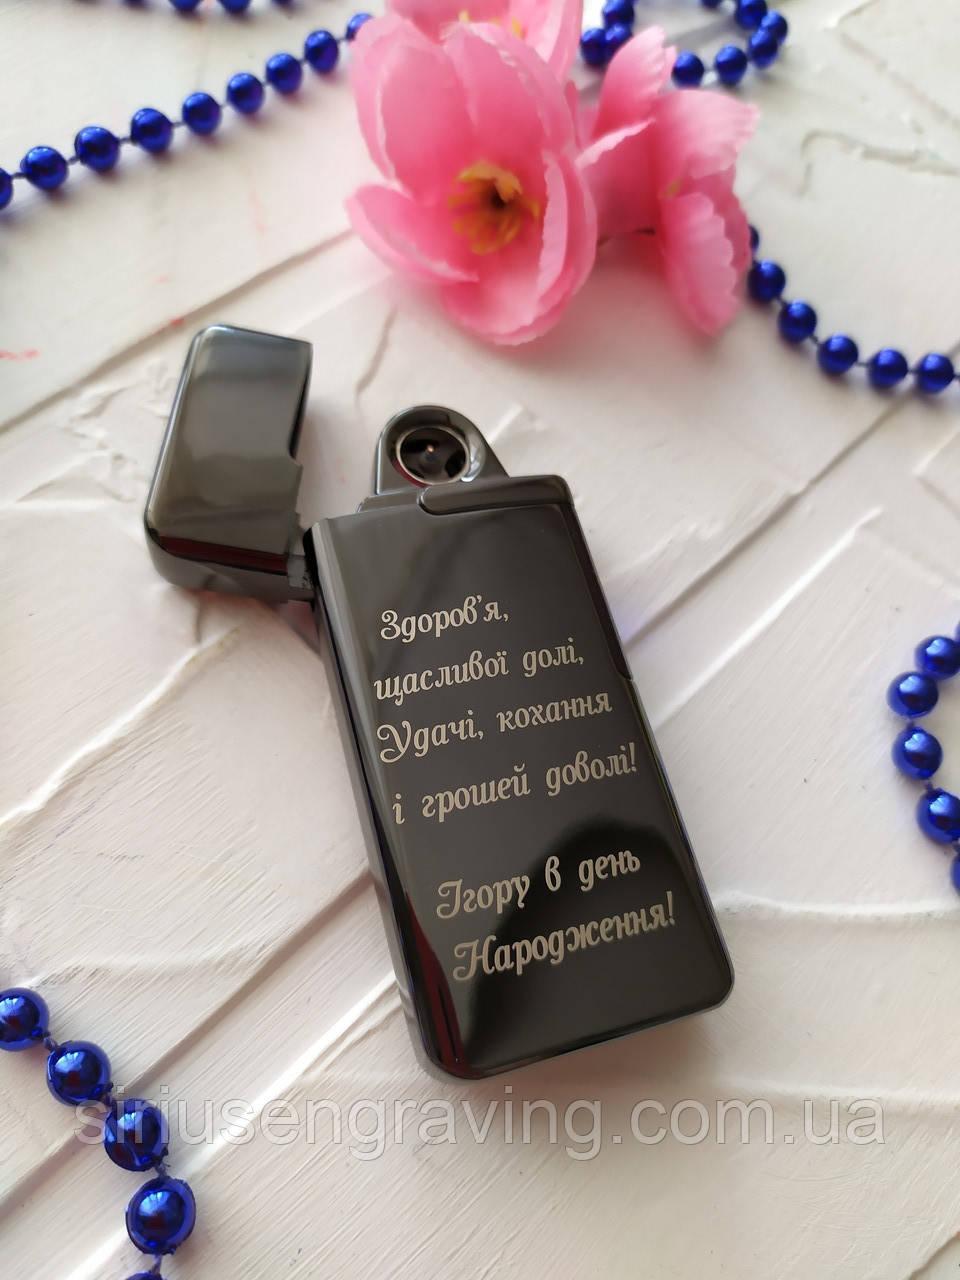 Электроимпульсная зажигалка USB.+ ваша гравировка! Круговой сенсор!